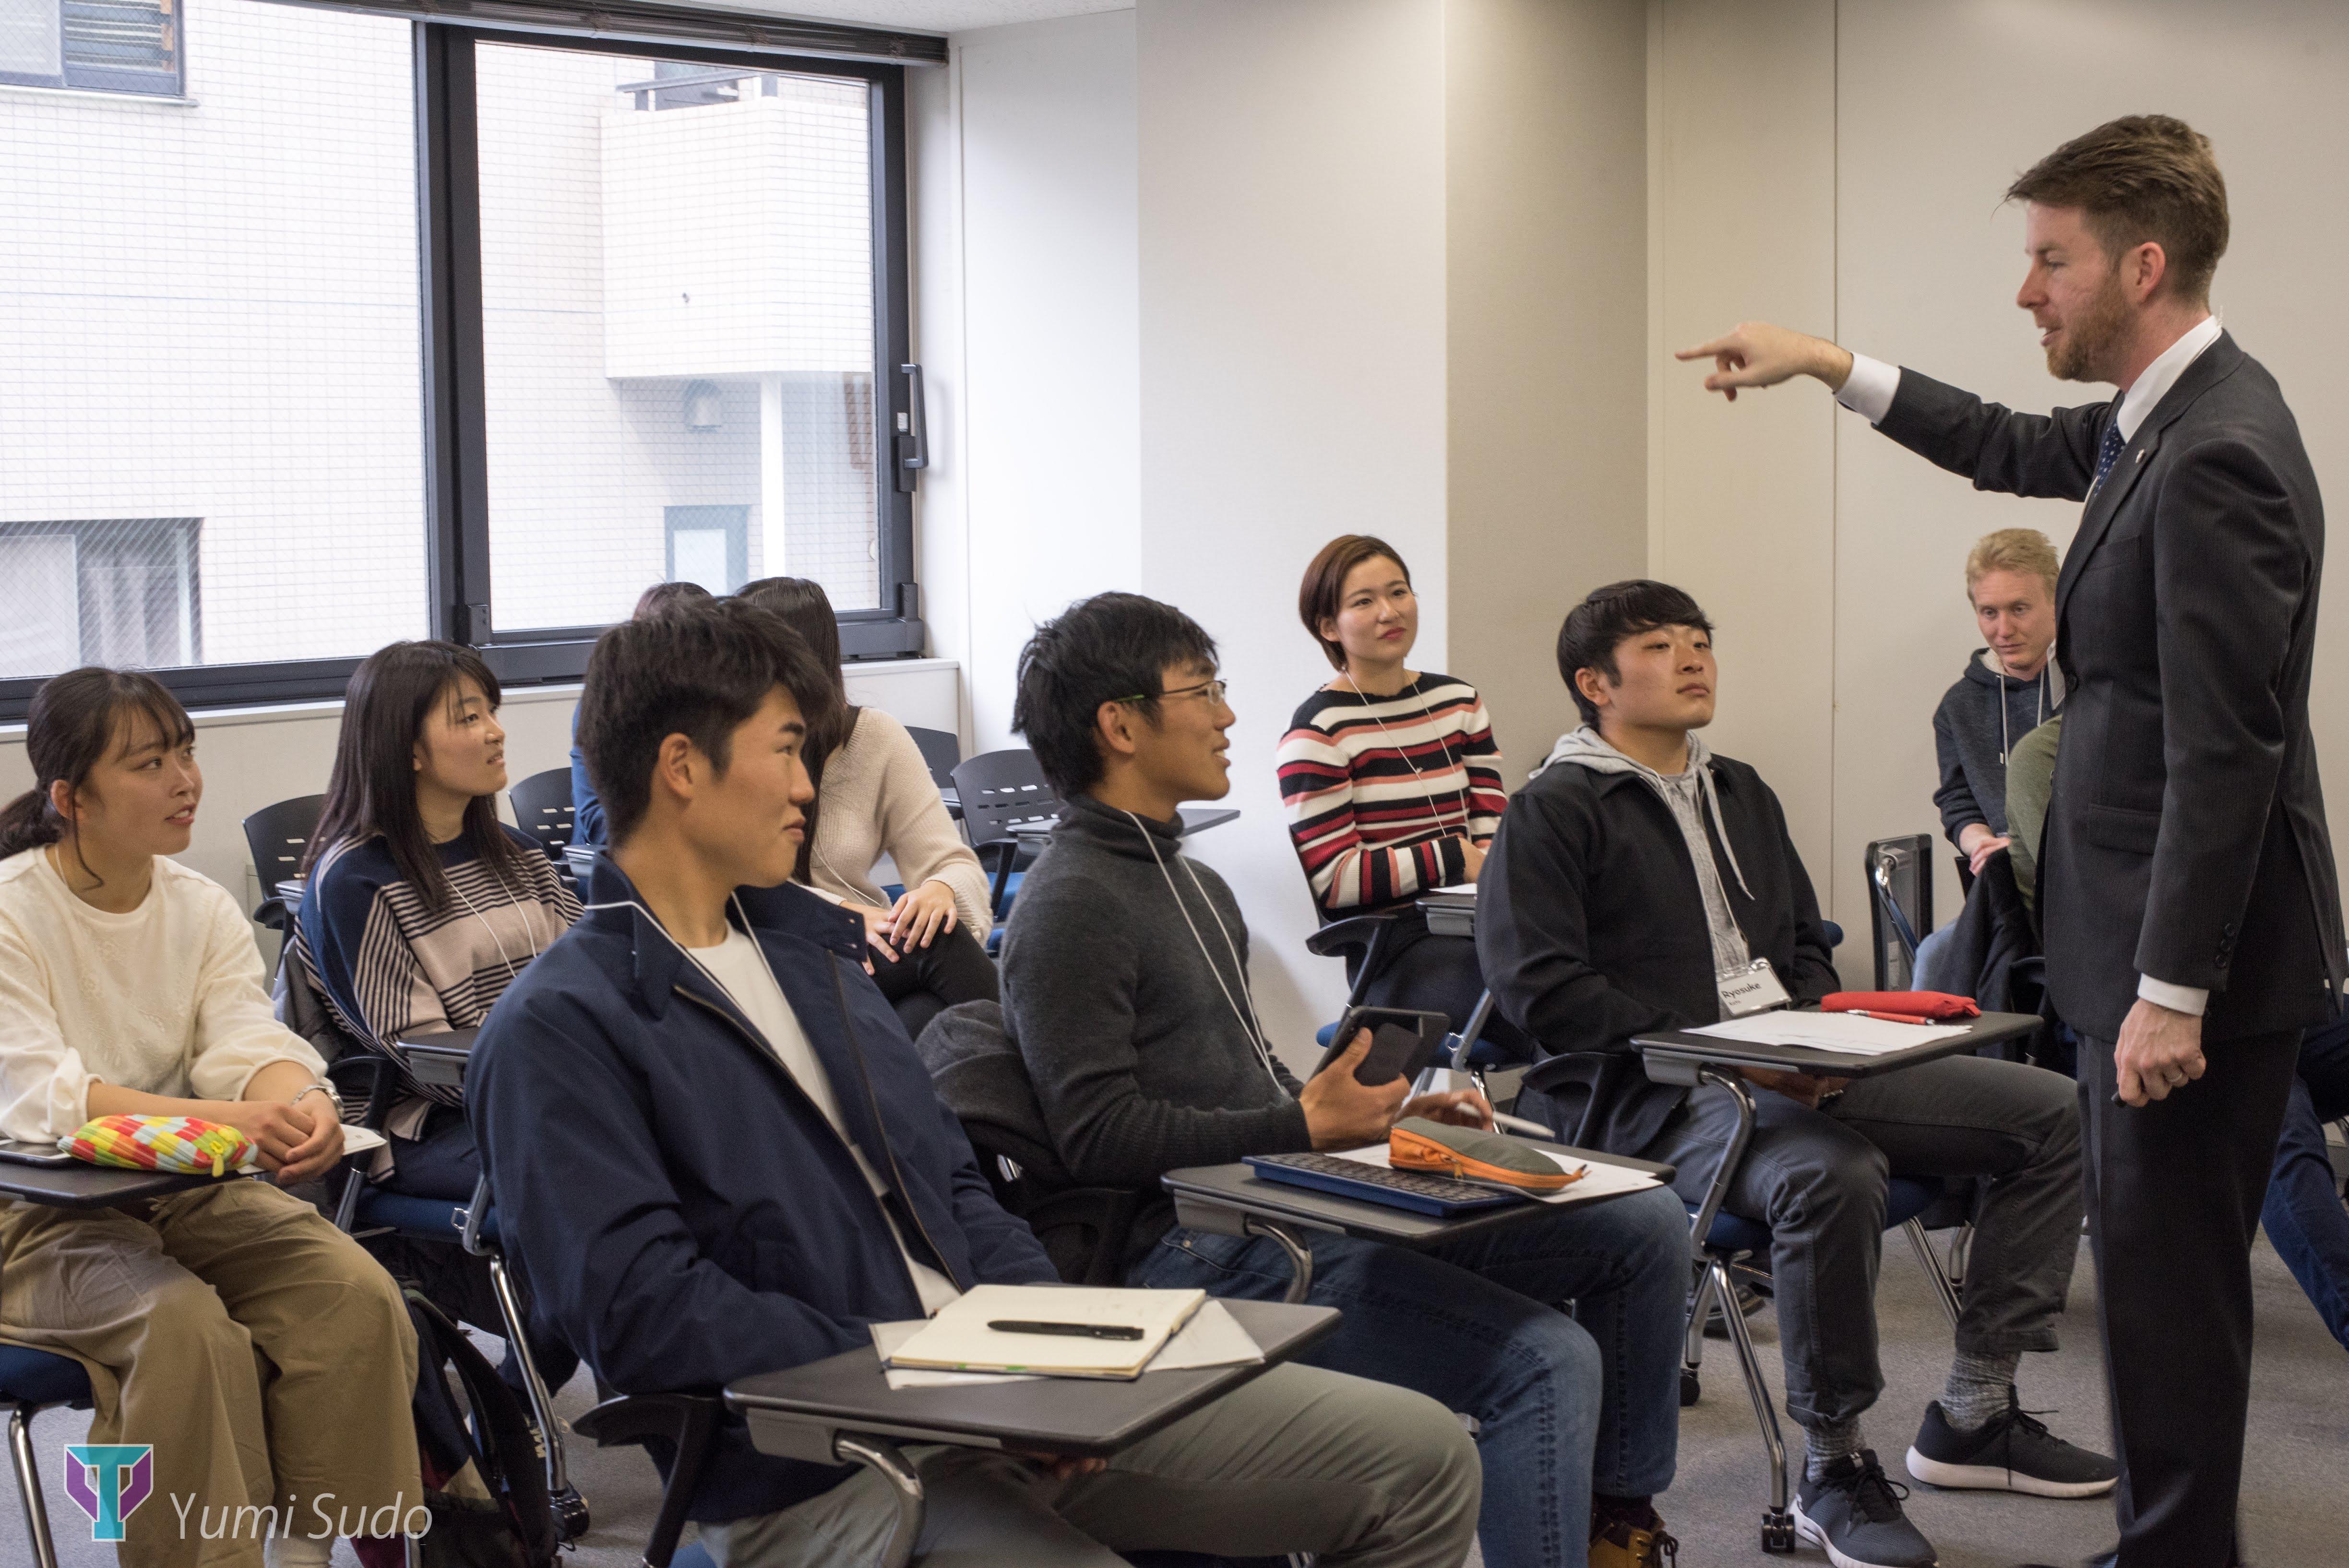 「スポーツ・マネジメントにおけるグローバル・リーダーシップ・プログラム」--- 筑波大学生アスリート向け研修をテンプル大学ジャパンキャンパスが開発・実施